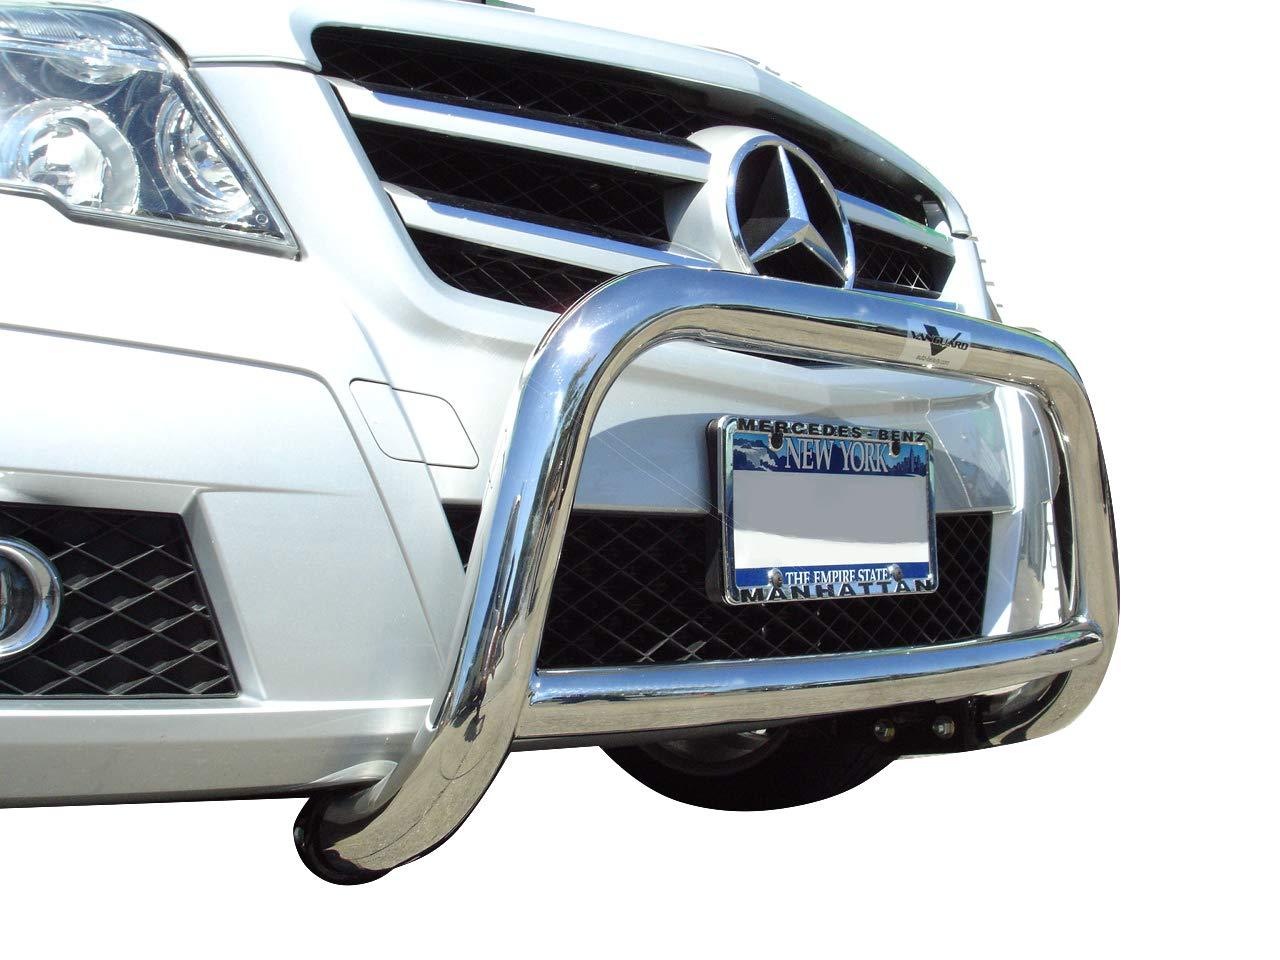 Vanguard vgubg-0490ss 2010 - 2015 Mercedes Benz Glk350 GLK X204 Frontal Protector Bumper de Barra de un S/S: Amazon.es: Coche y moto